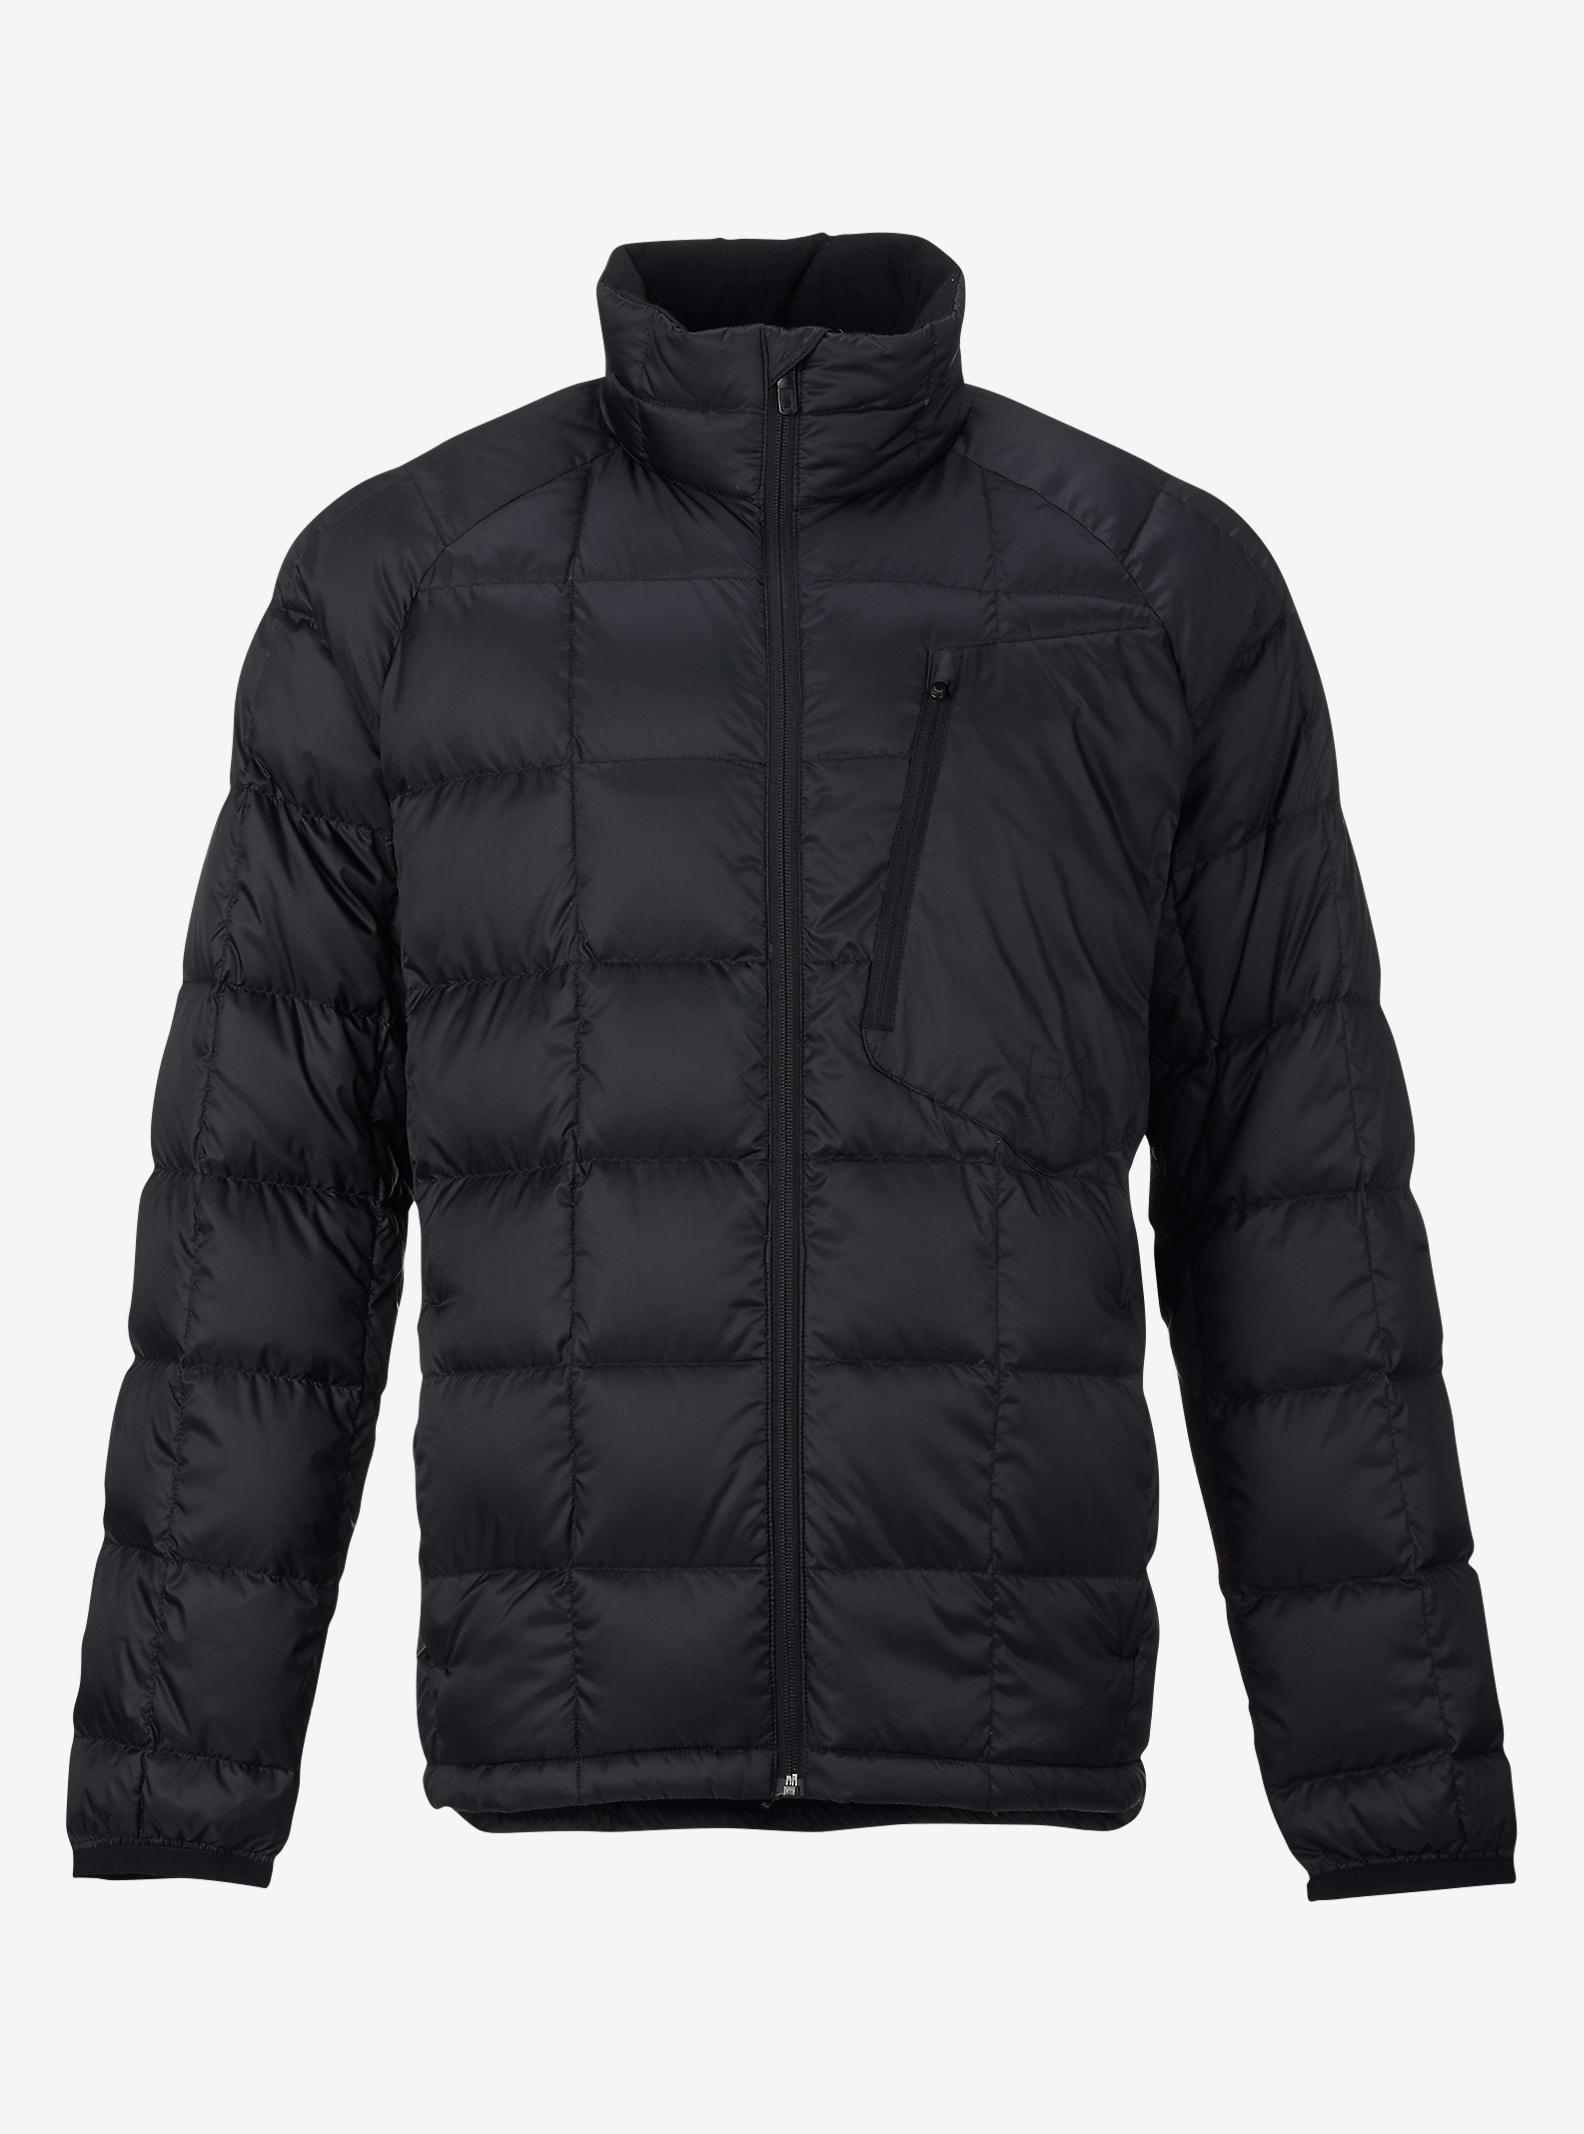 Burton [ak] BK Down Insulator Jacket shown in True Black